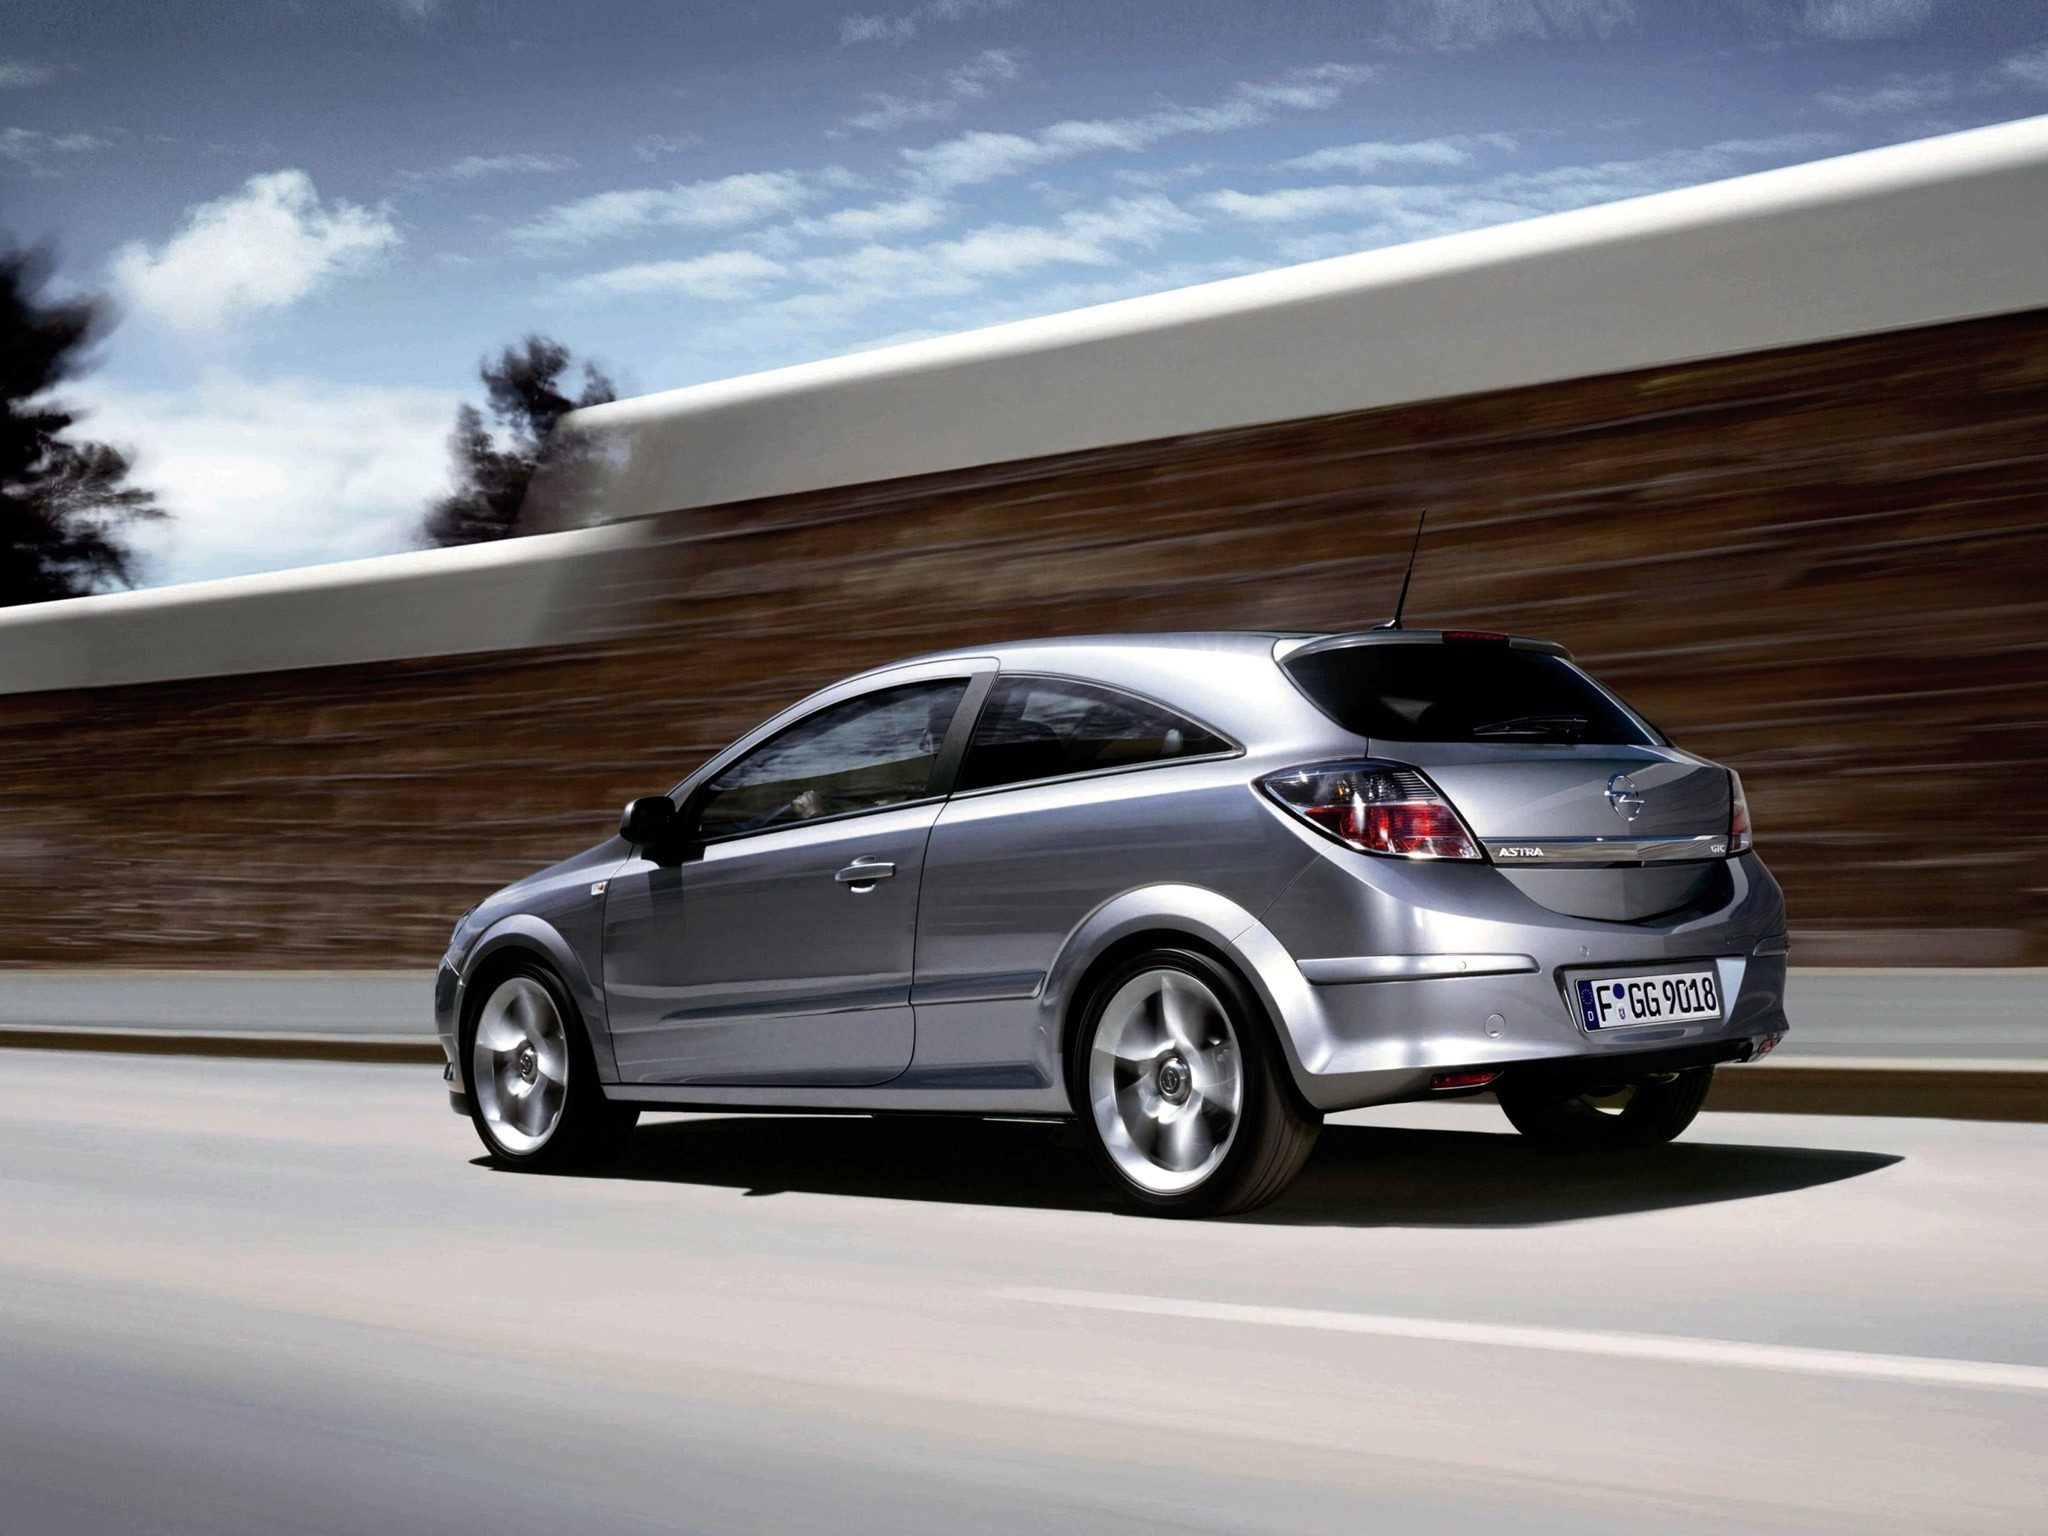 Opel Astra 3 Doors Gtc Specs 2005 2006 2007 2008 2009 & New Astra 3 Door - New Cars 2017 u0026 2018 pezcame.com